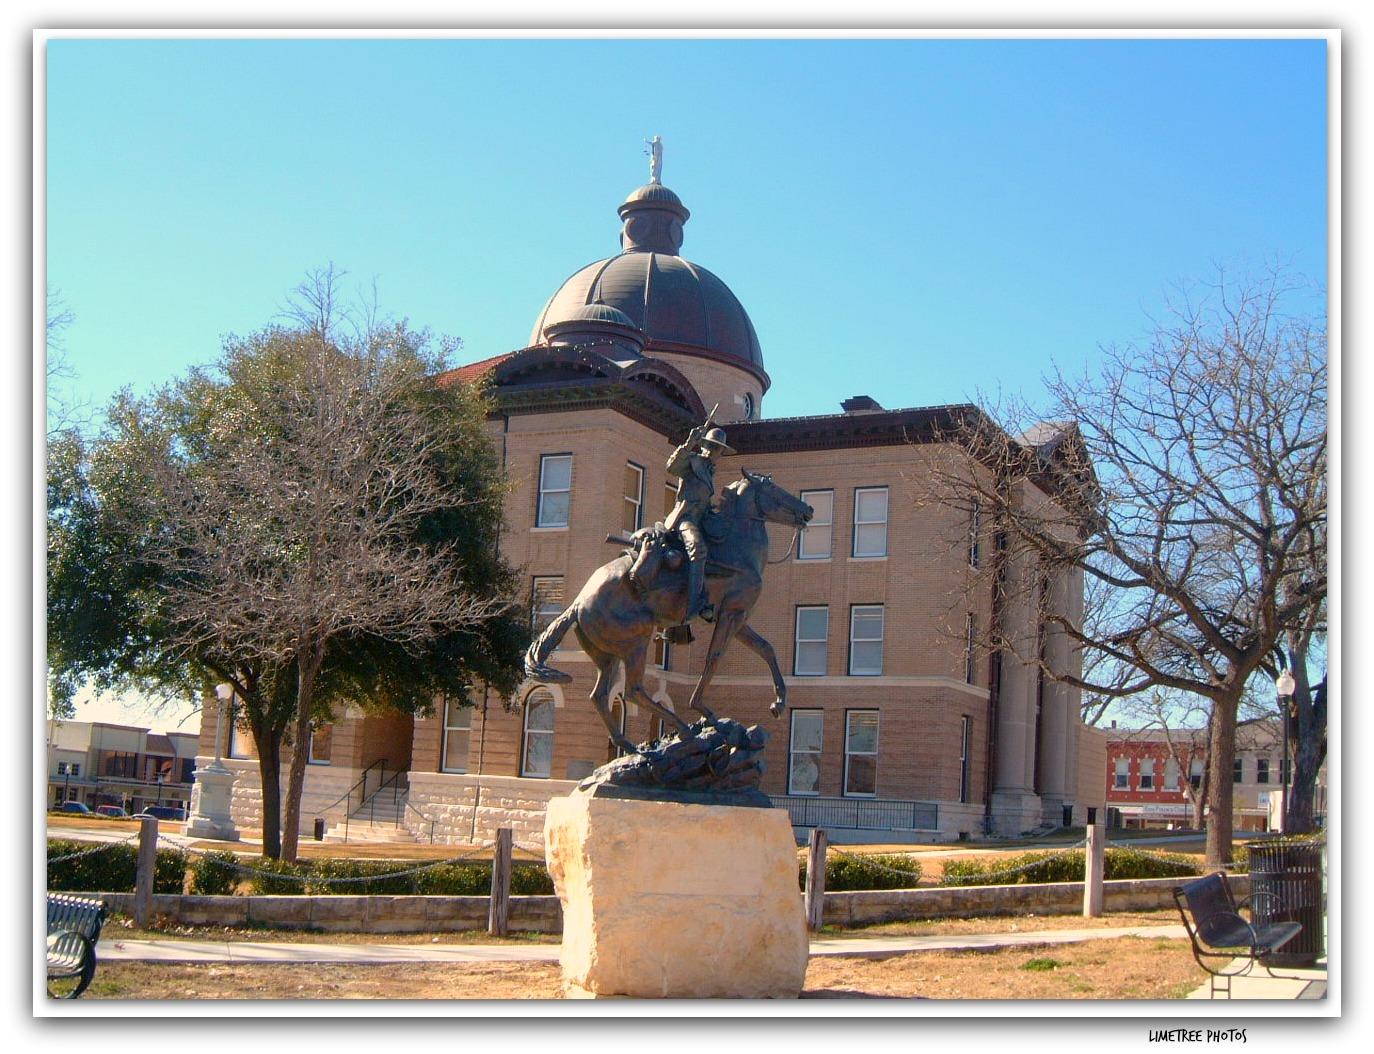 Texas Ranger in Lockhart